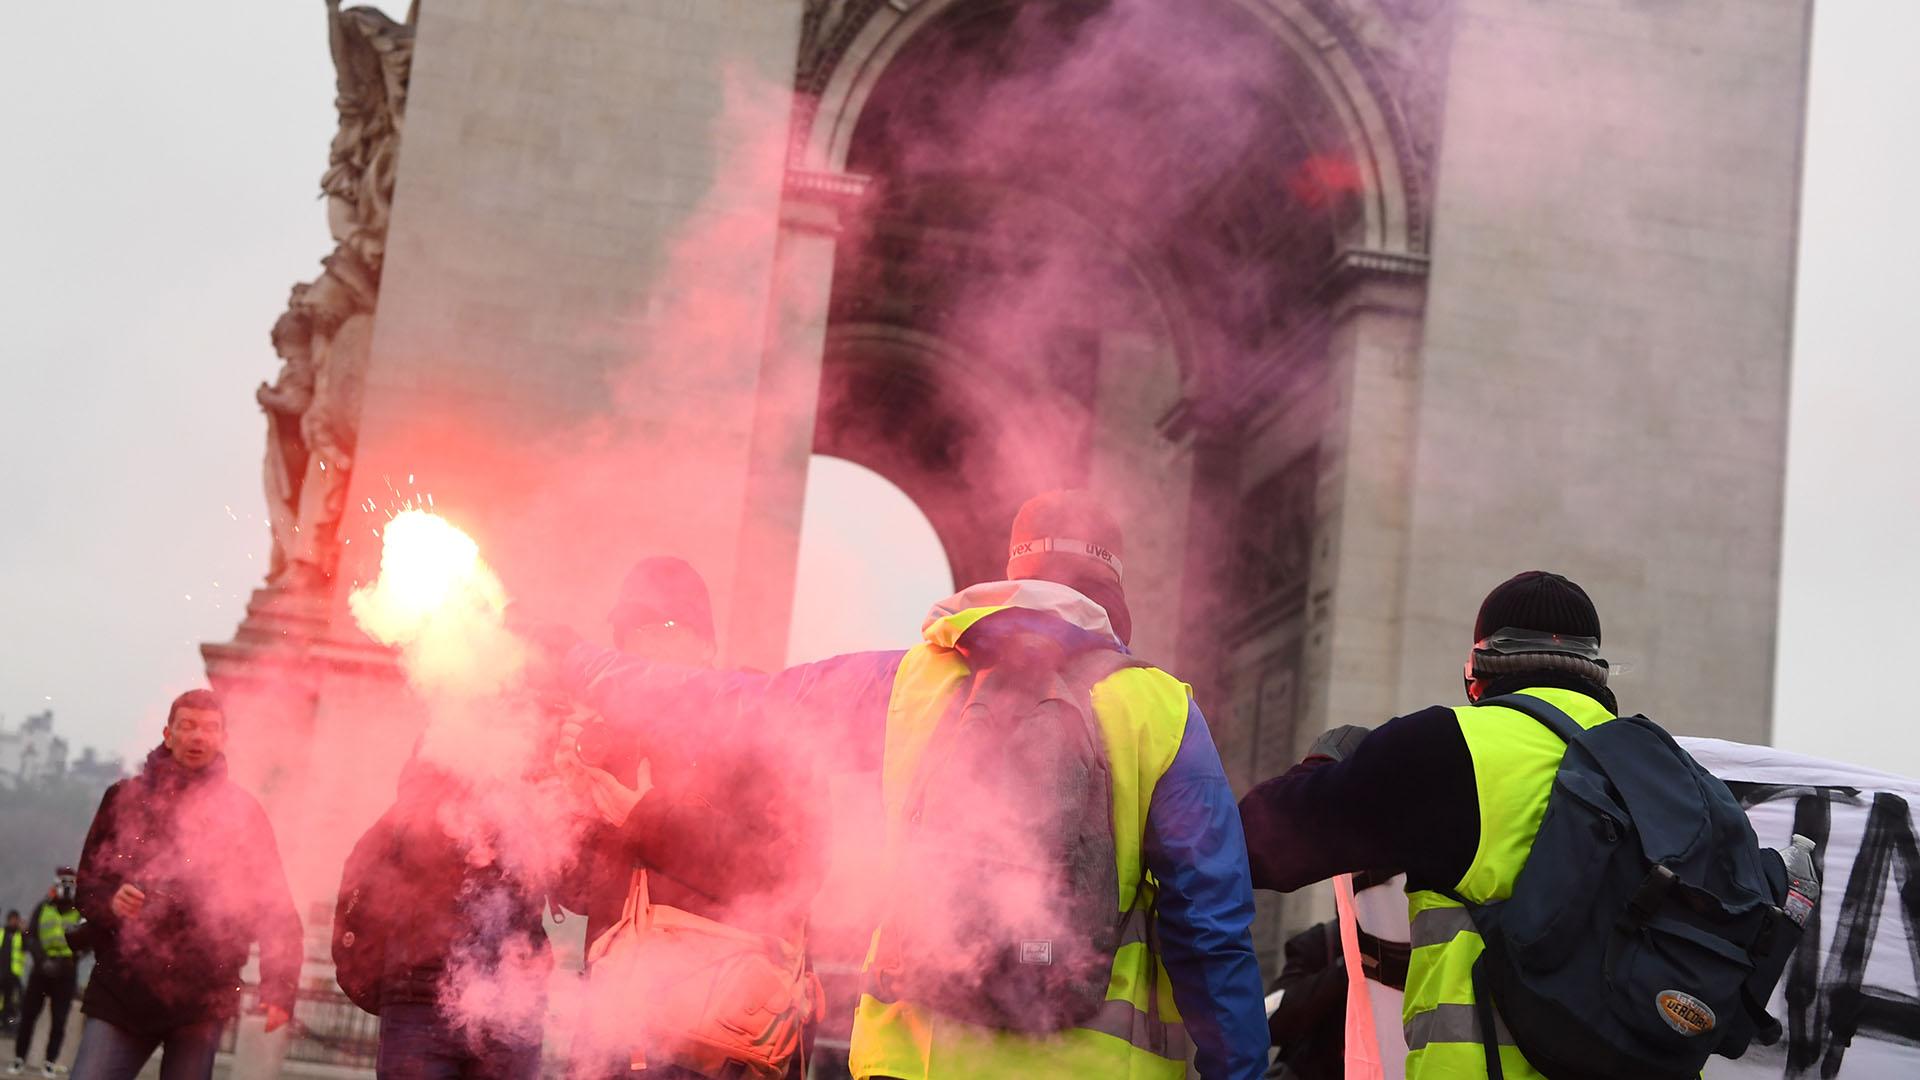 El Arco de Triunfo también fue escenario de las protestas (Alain JOCARD / AFP)